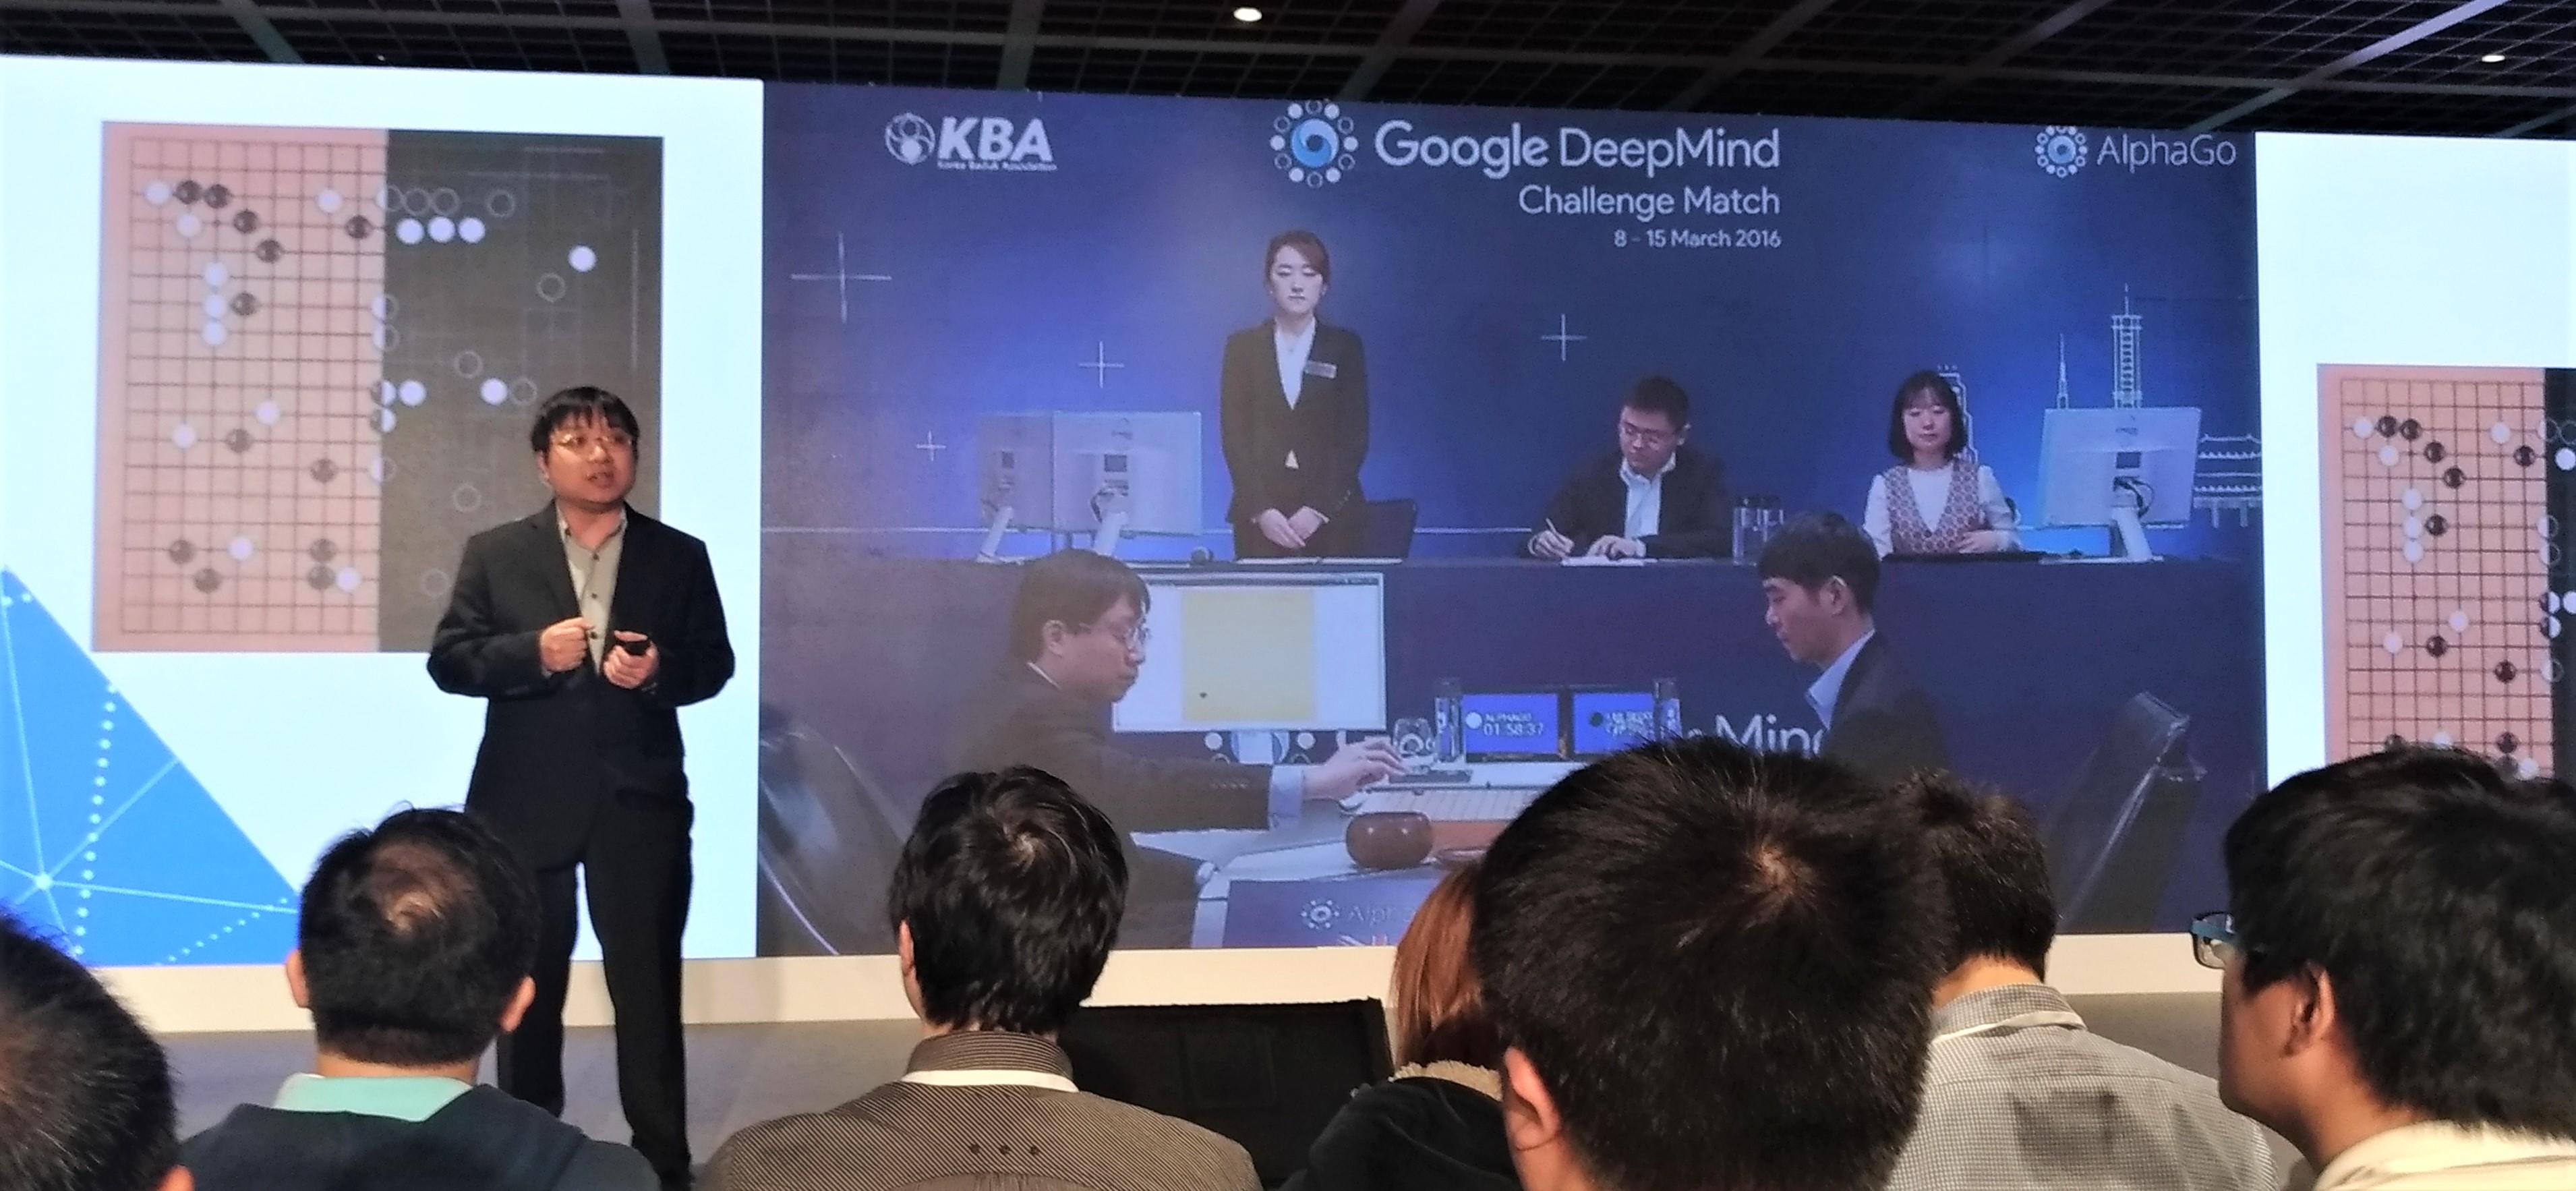 談 AlphaGo 帶來的啟發,黃士傑:深度學習是具「創造性」的